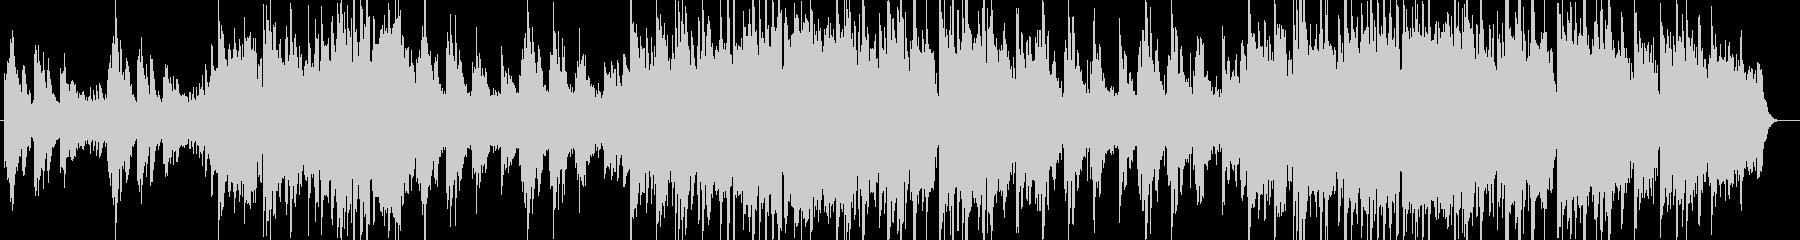 美しく切ないシンセサイザー系サウンドの未再生の波形